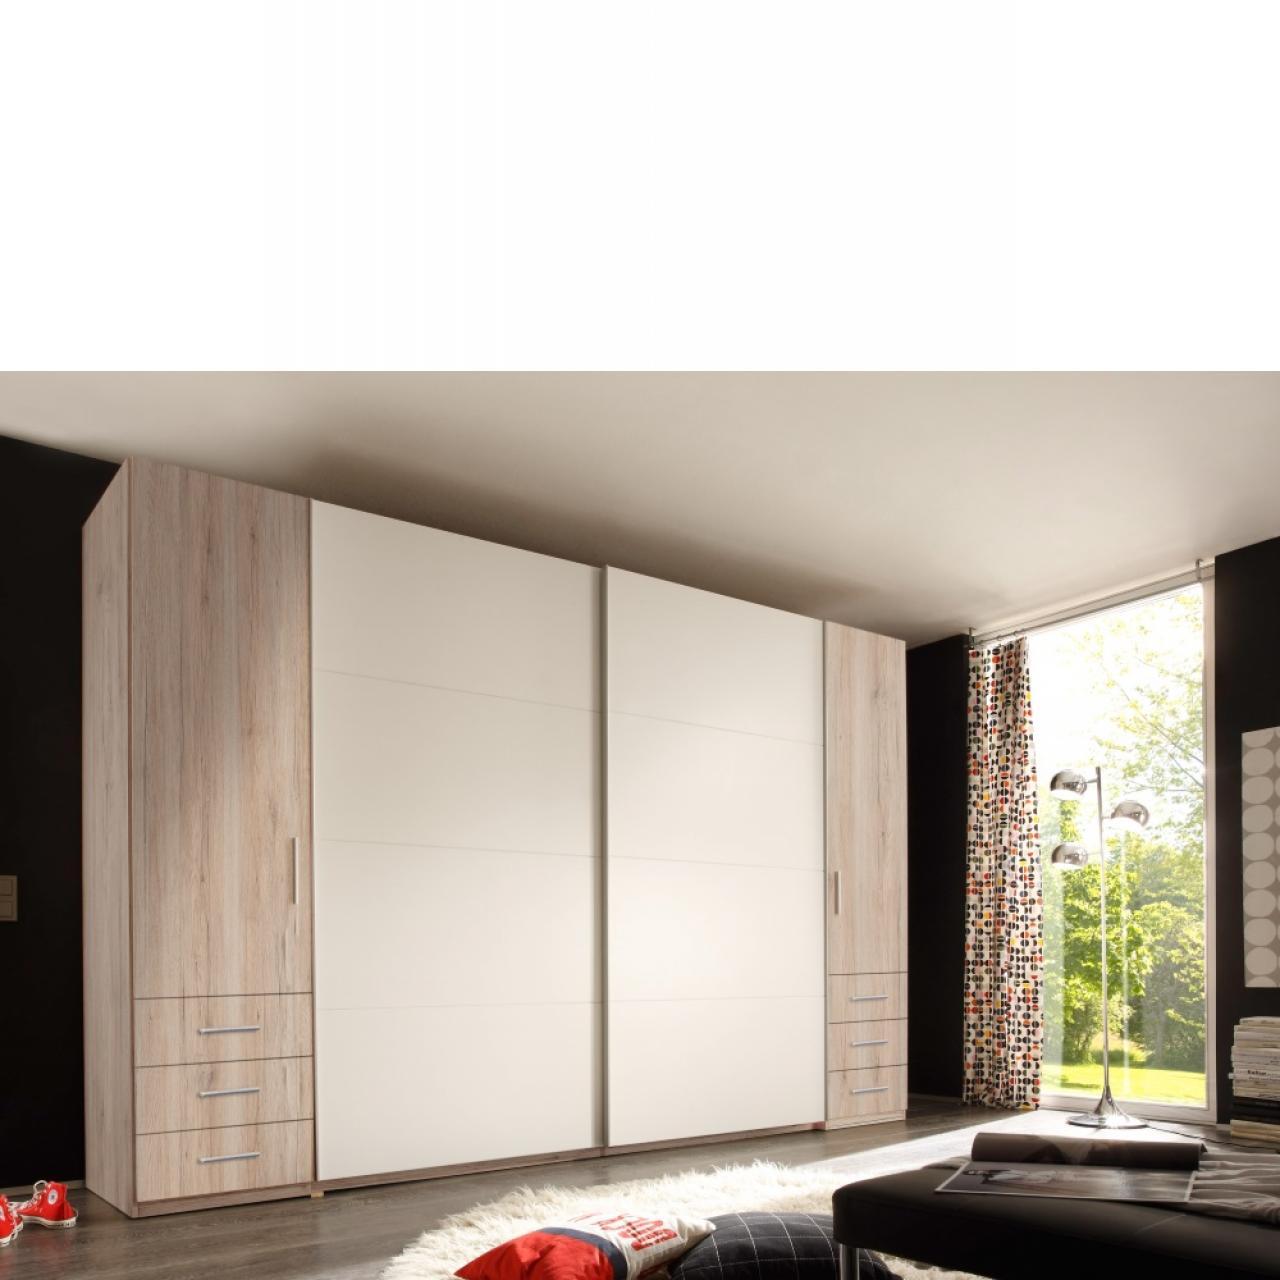 Kleiderschrank Store, Breite: 312 cm, Dreh- & Schwebetüren, Eiche San Remo, weiß